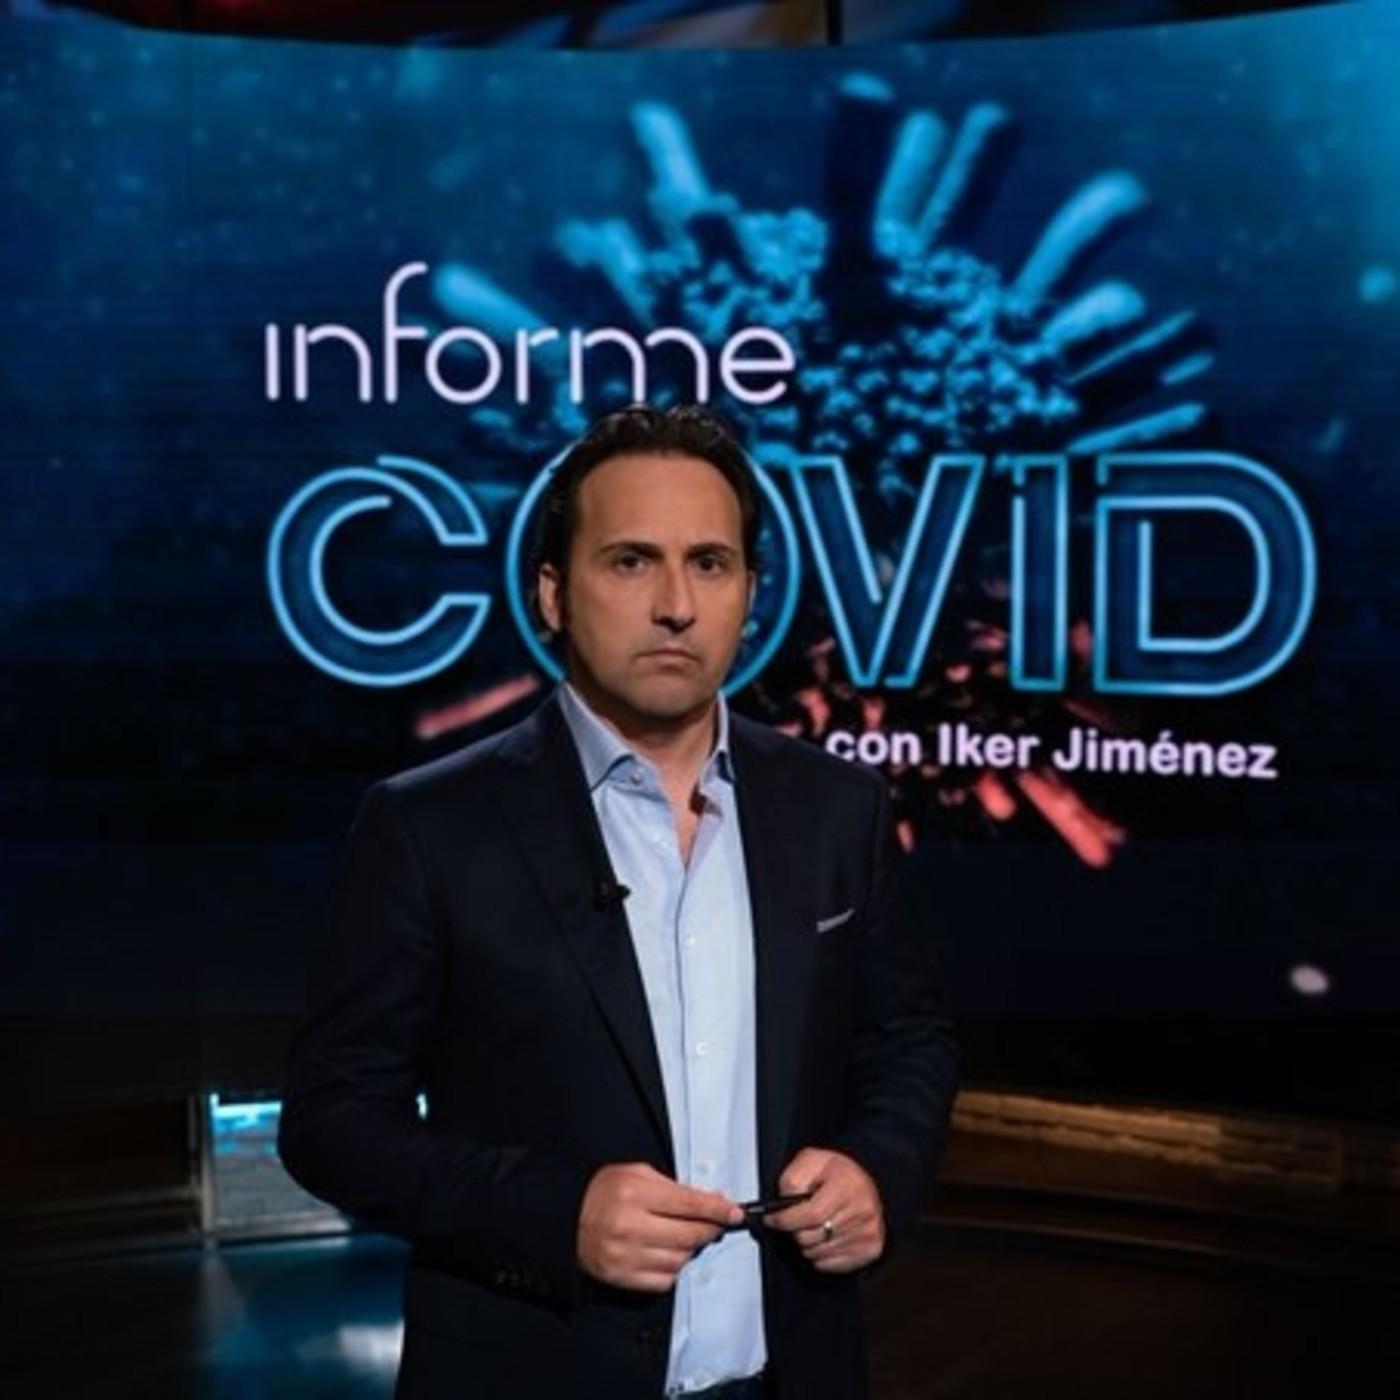 Horizonte: Informe Covid Episodio 16 (30-12-2020) La Batalla de los datos